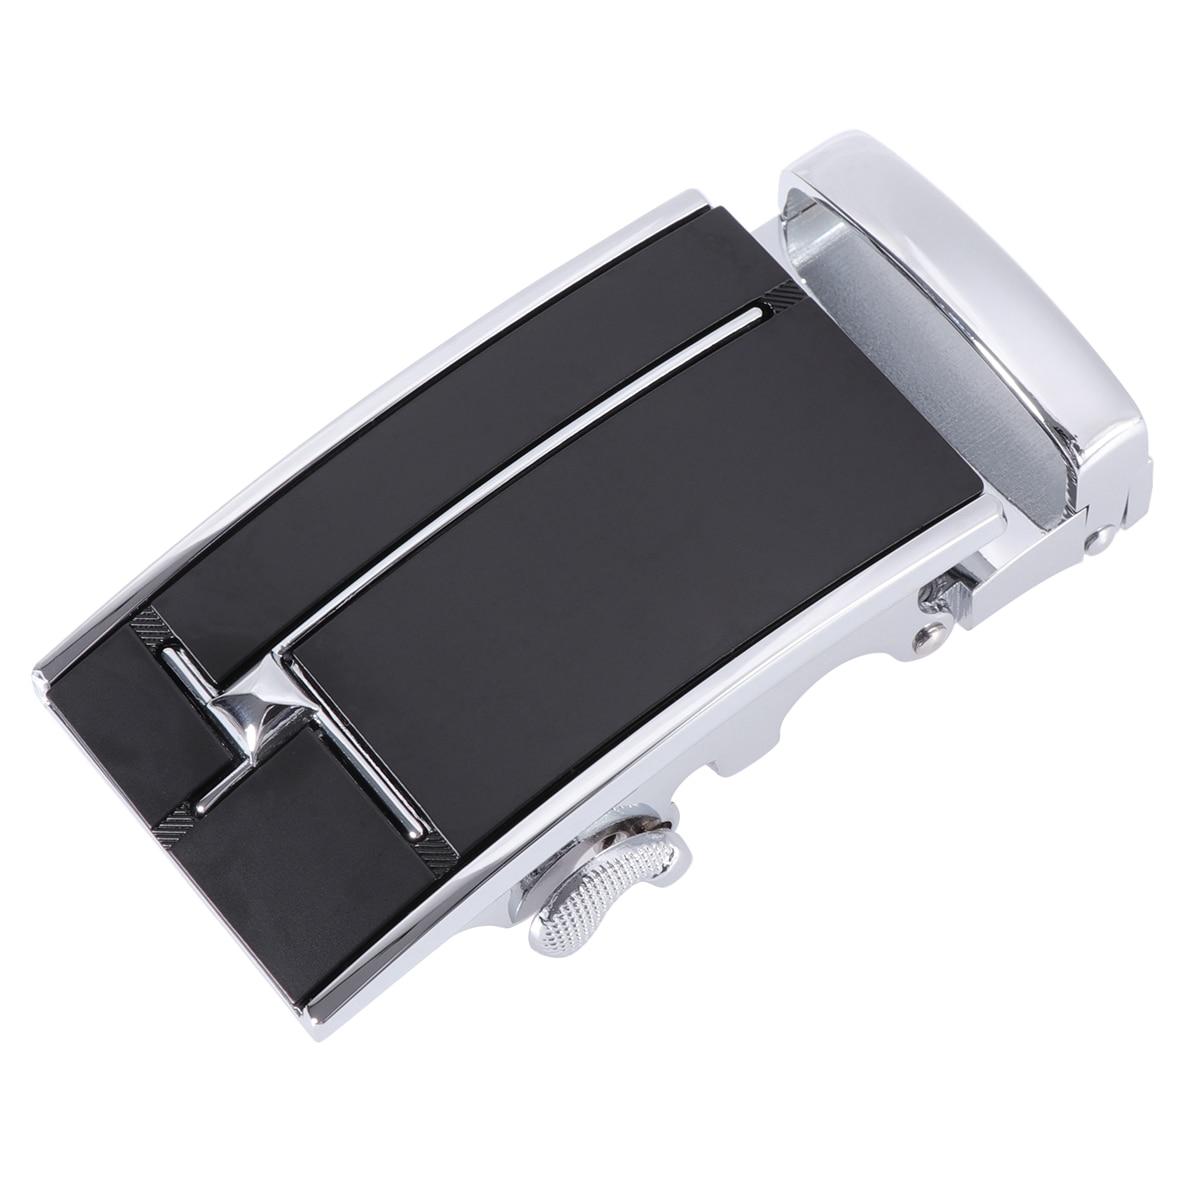 Fashion Men's Business Alloy Automatic Buckle Unique Men Plaque Belt Buckles For 3.5cm Ratchet Belt Men Apparel Accessories